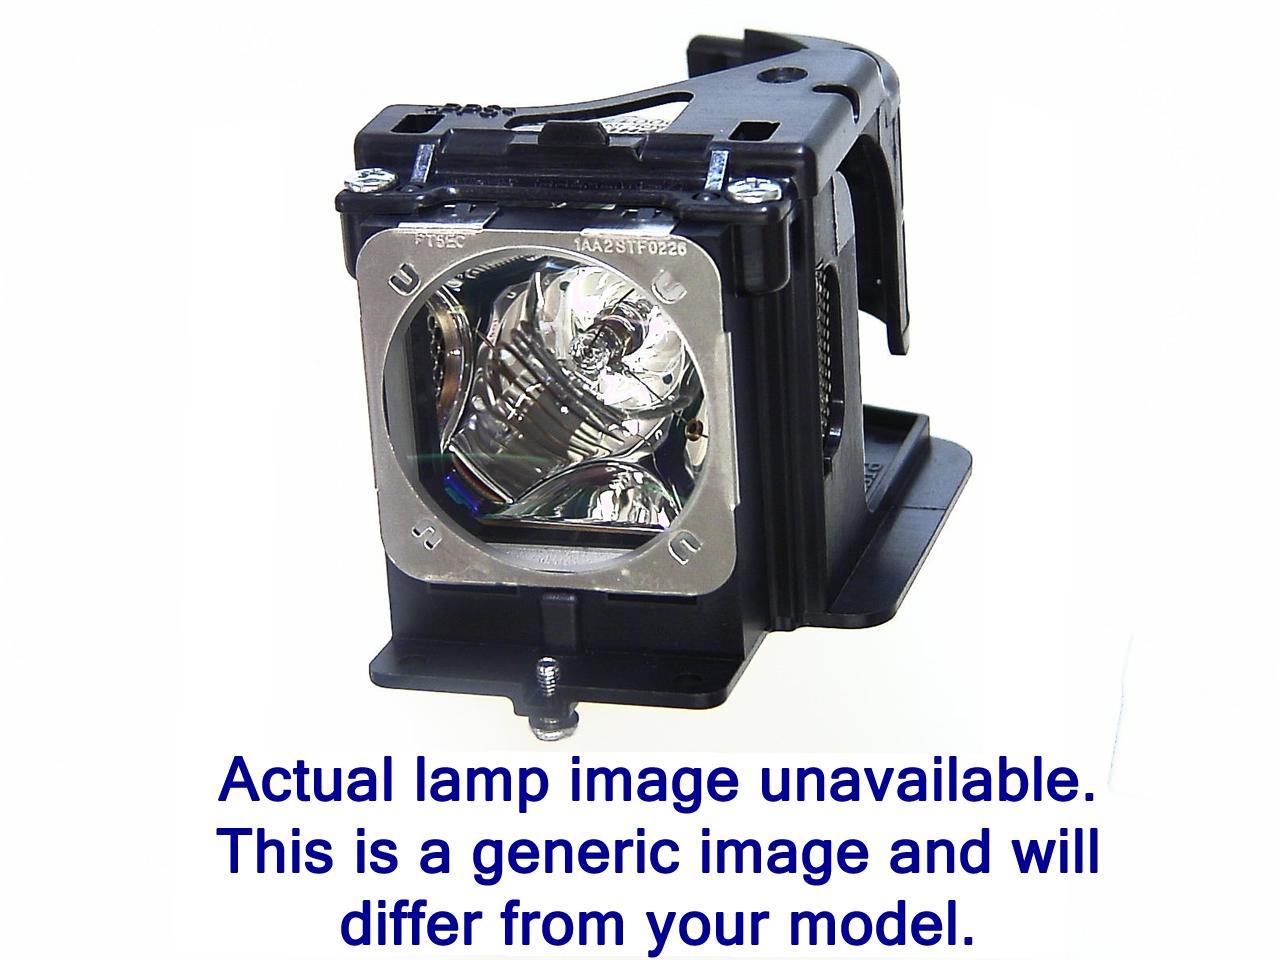 Lámpara BARCO HDF-W26 (refurbished)